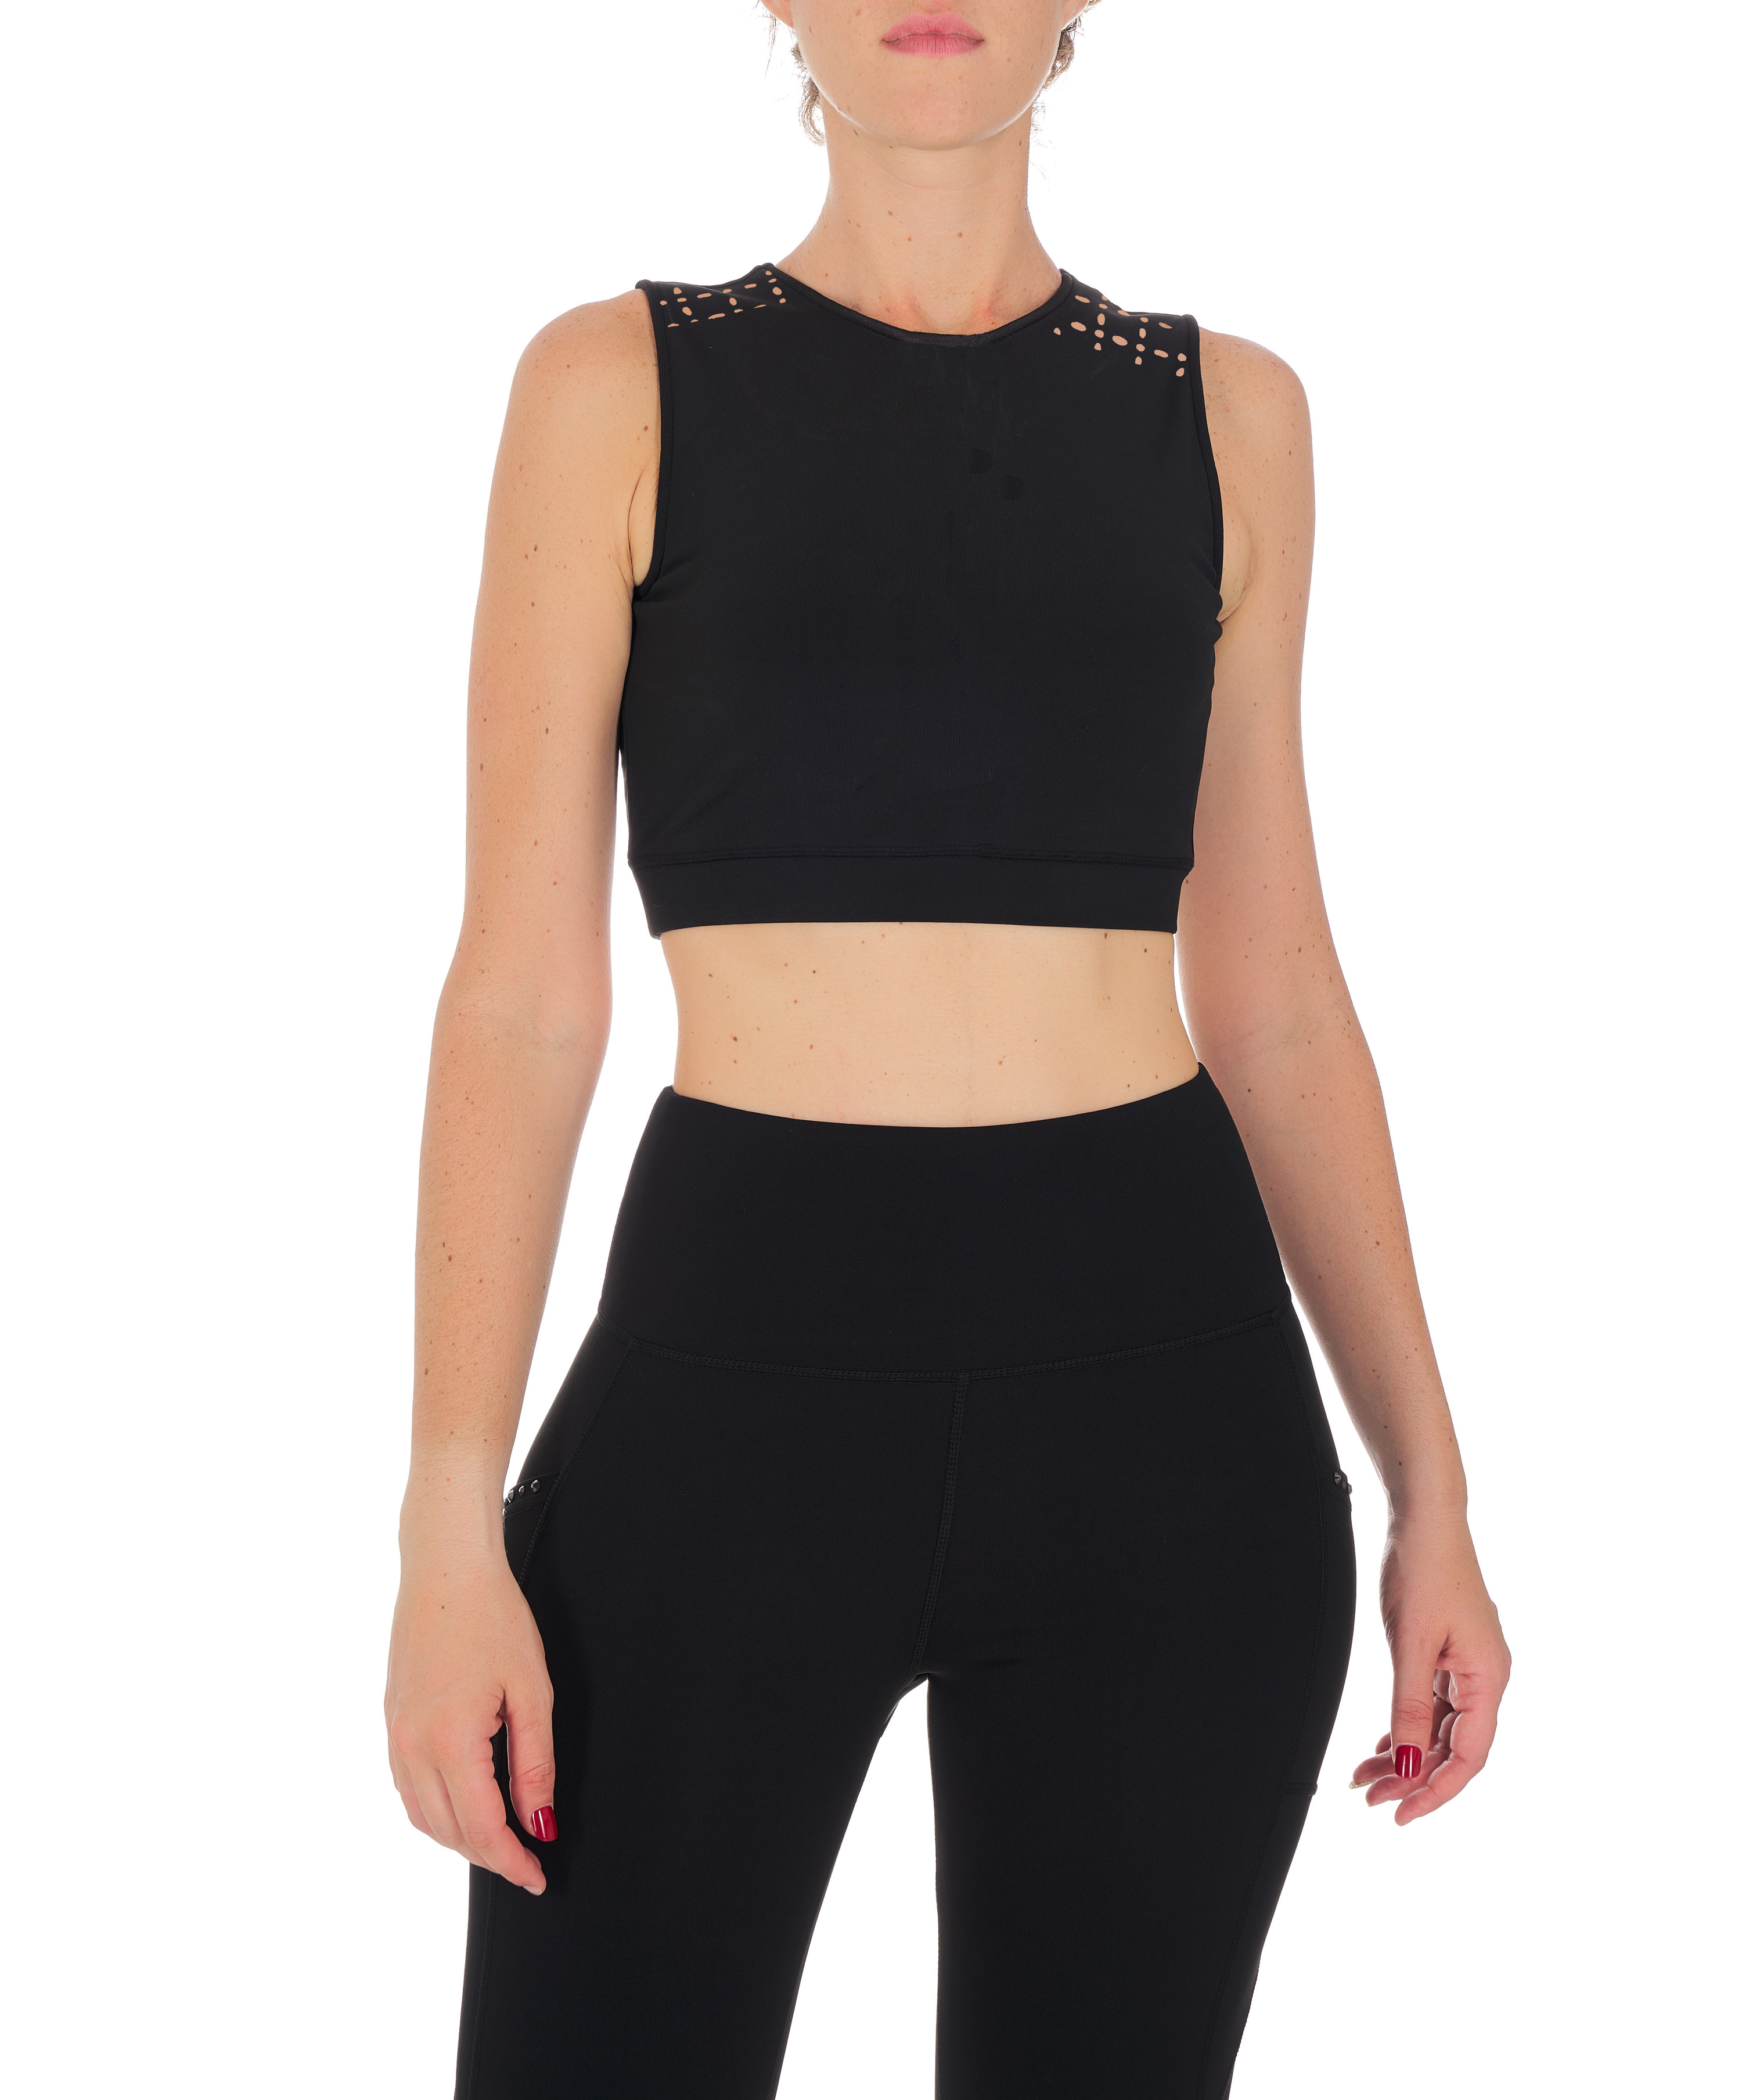 model wearing black crop sports bra